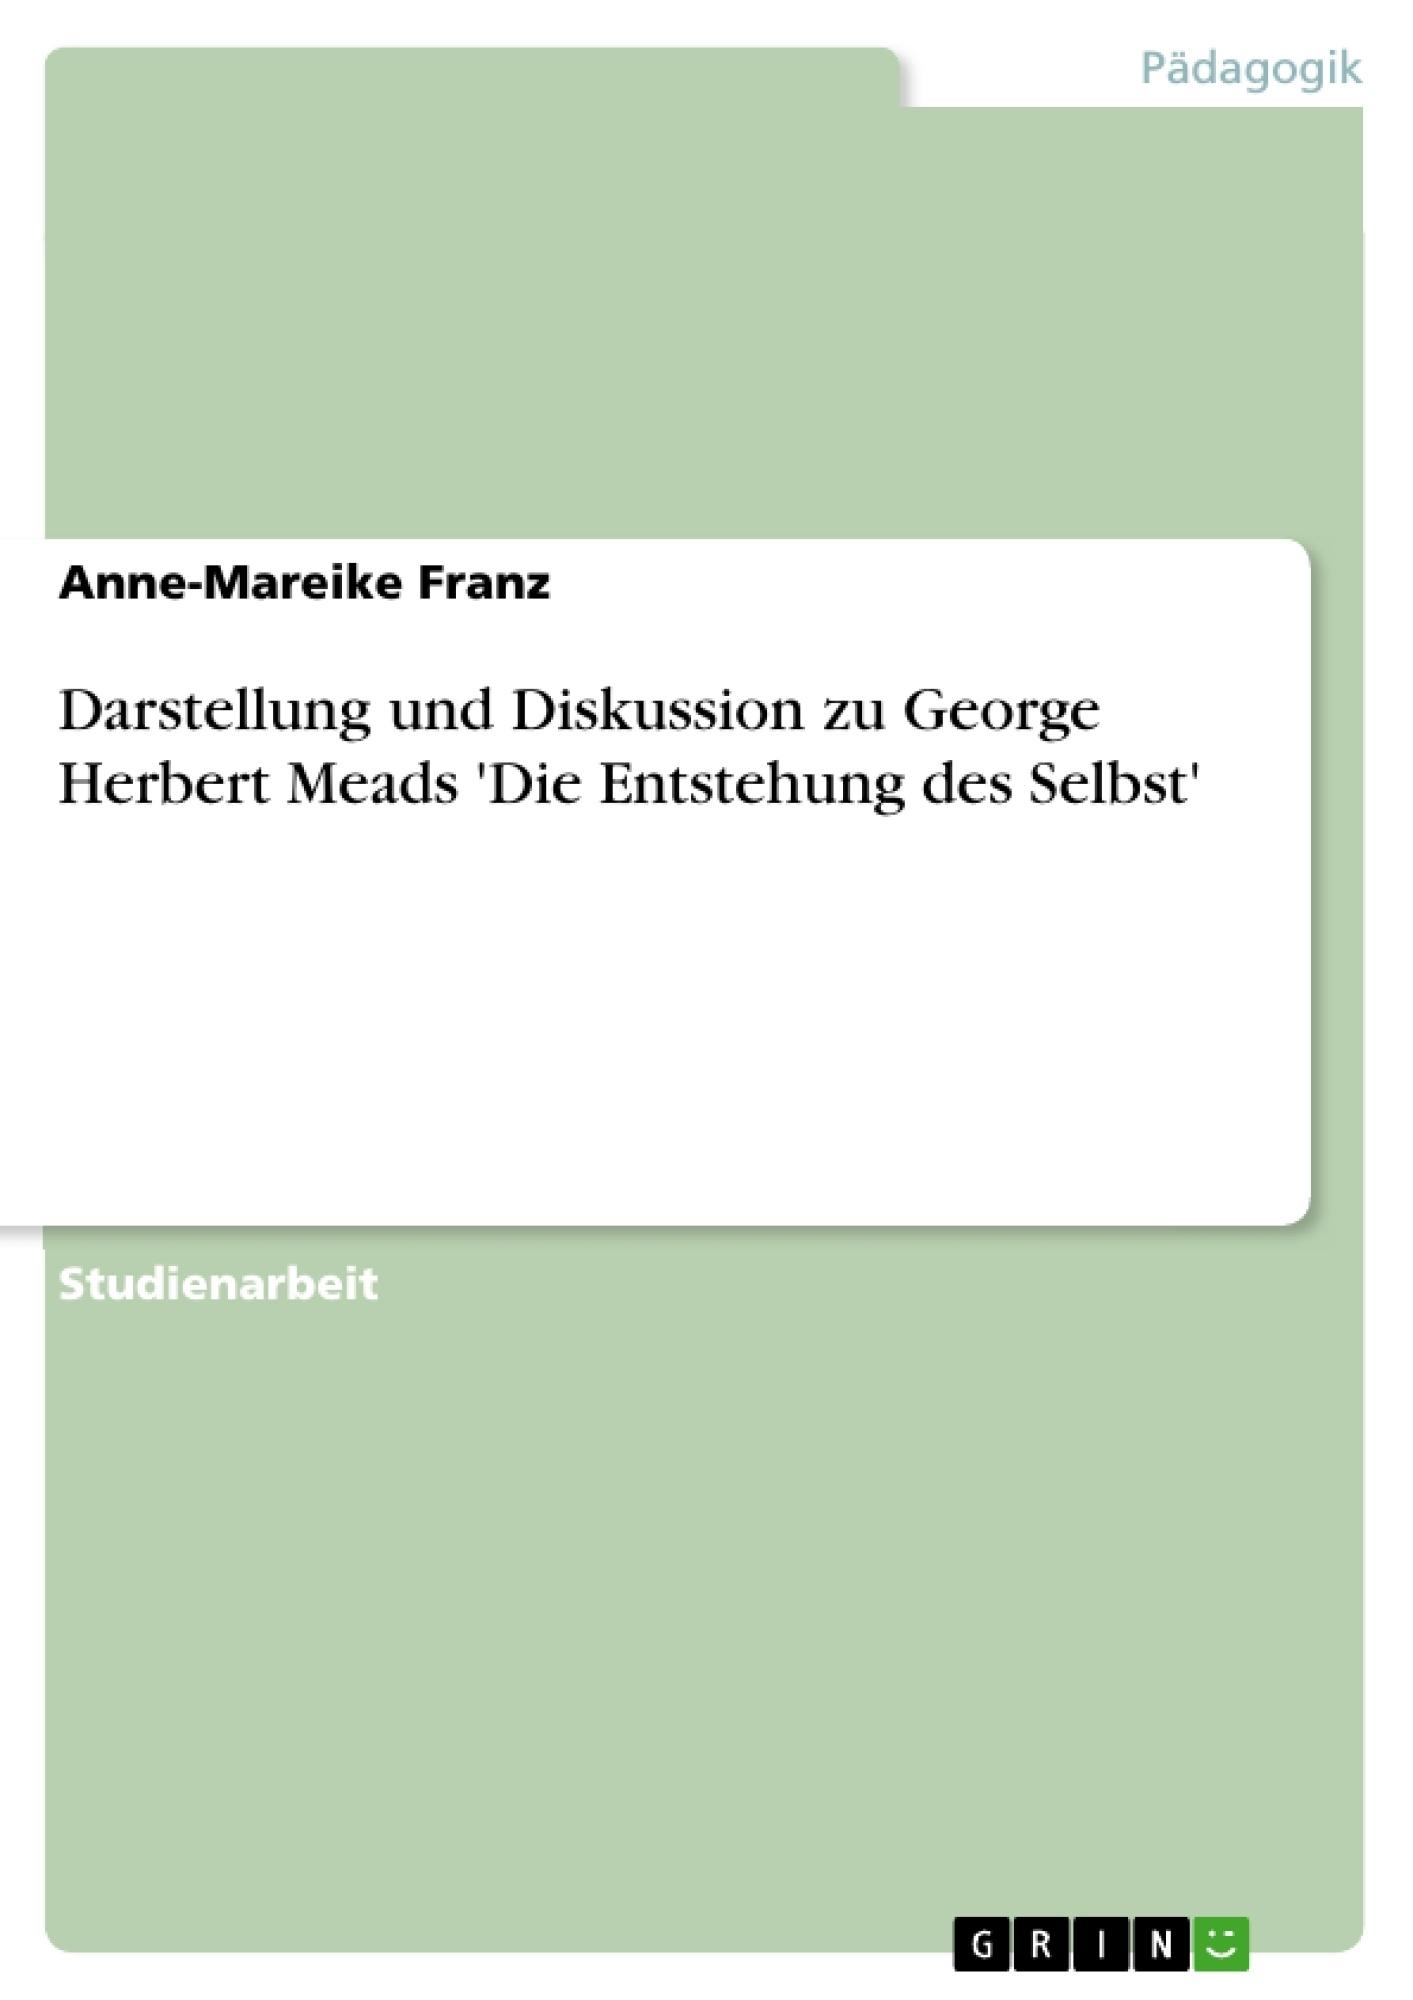 Titel: Darstellung und Diskussion zu George Herbert Meads 'Die Entstehung des Selbst'